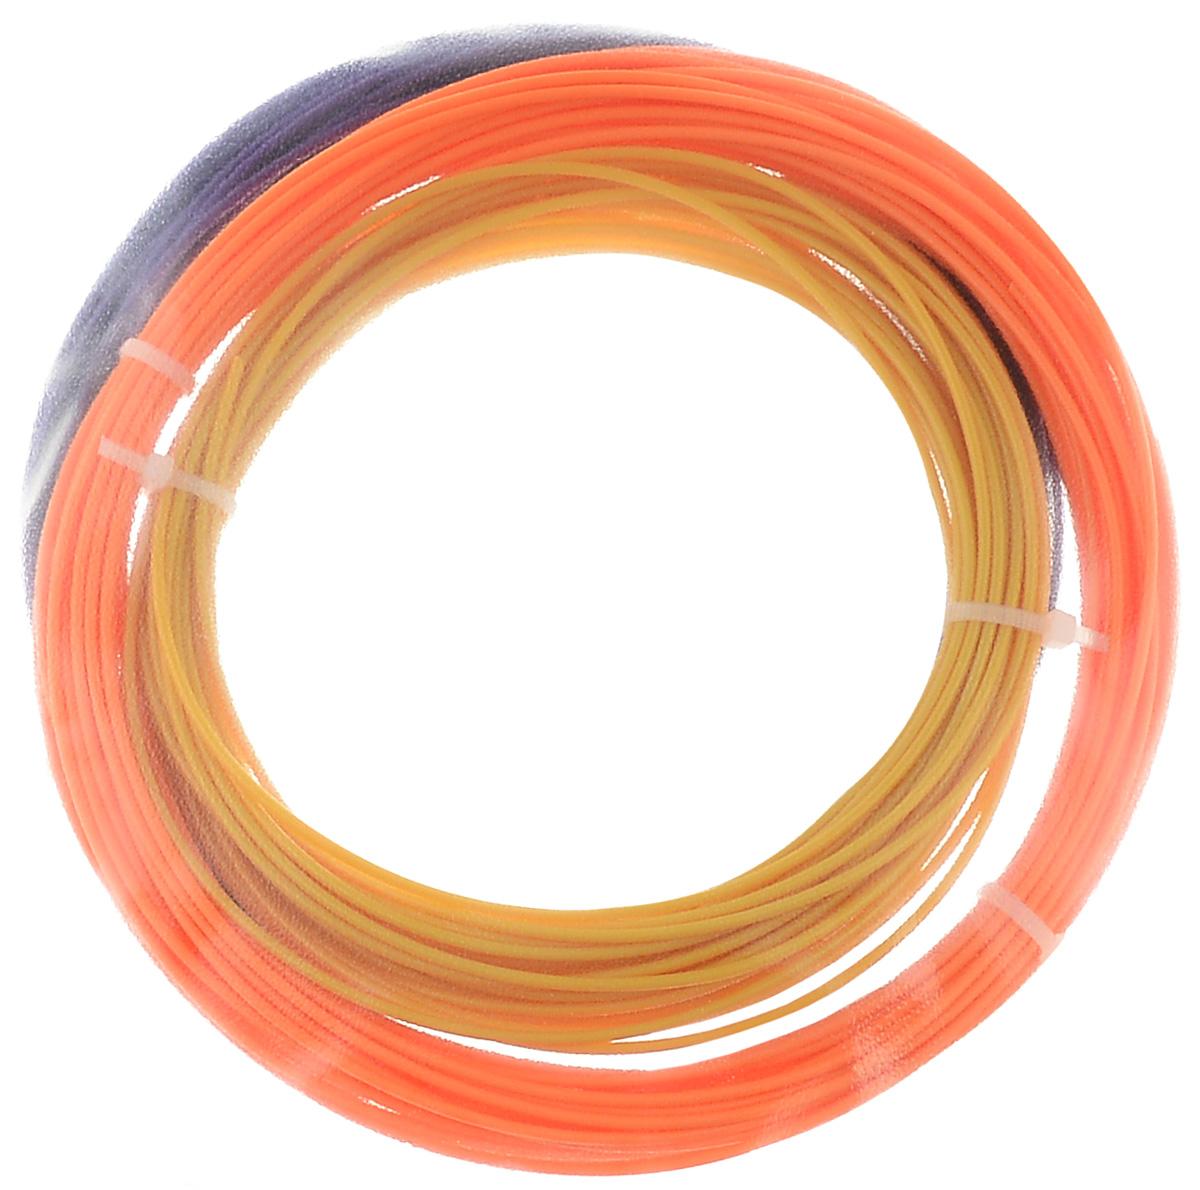 ESUN 3D Filament, Orange Gold Purple комплект ABS-пластика, 10 мУТ000006539ESUN 3D Filament - комплект ABS-пластика для 3D печати, состоящий из трех цветов. Толщина пластика составляет 1,75 мм. Длина каждого мотка - 10 метров.